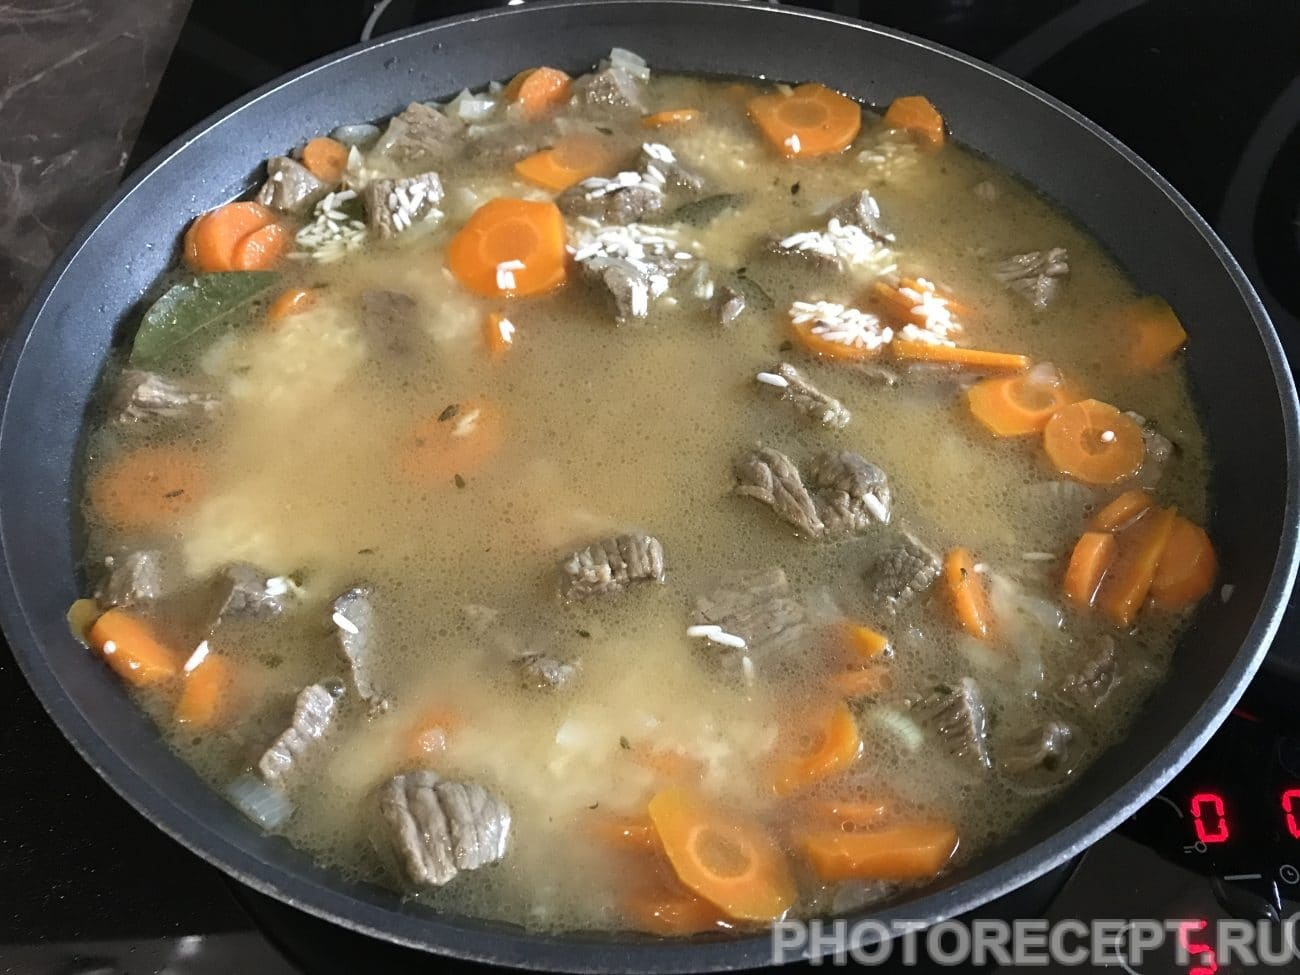 Рецепт плова из говядины пошаговое фото